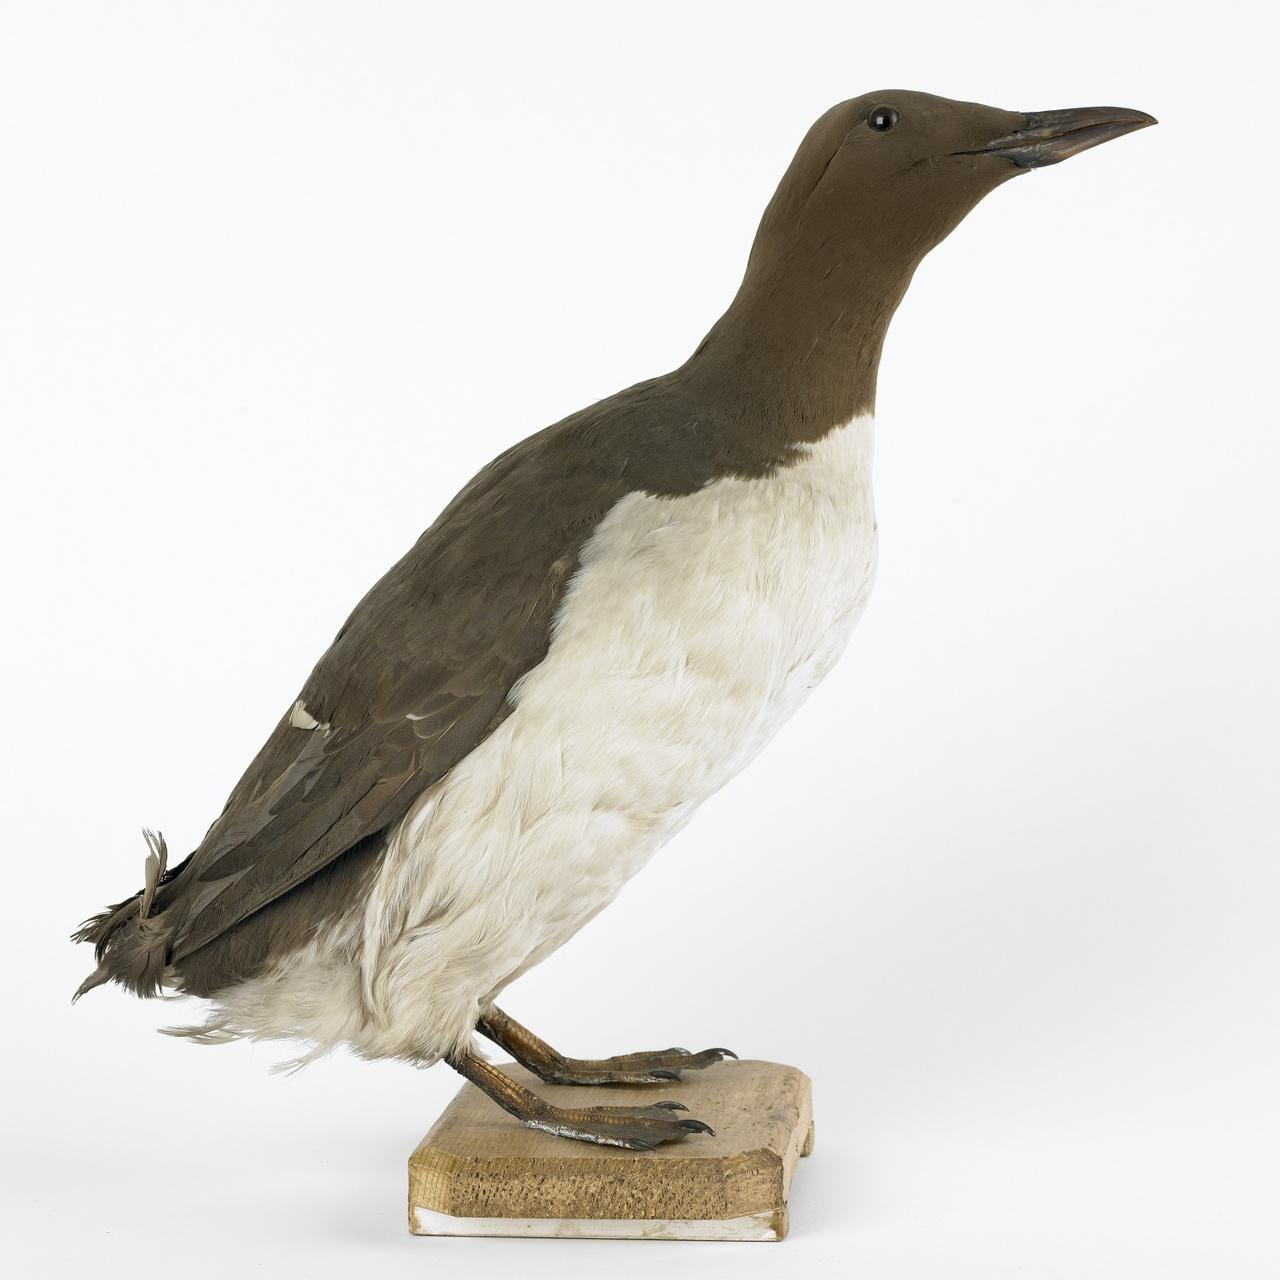 Uria aalge (Pontopiddan, 1763), Zeekoet, opgezette vogel